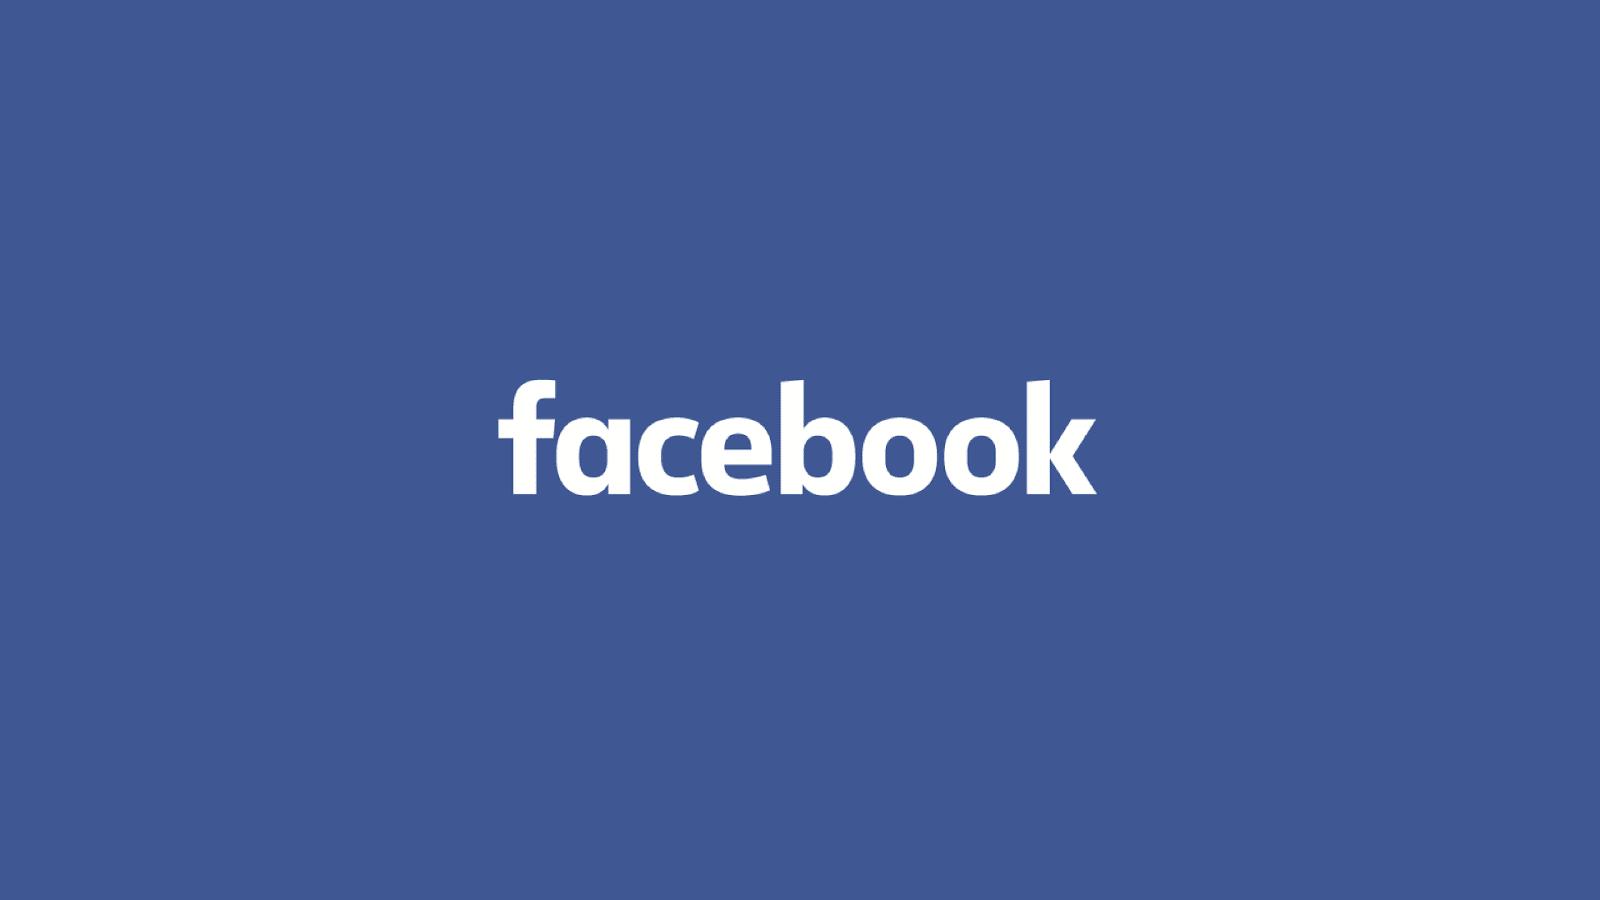 doi-font-chu-facebook-tren-dien-thoai-1